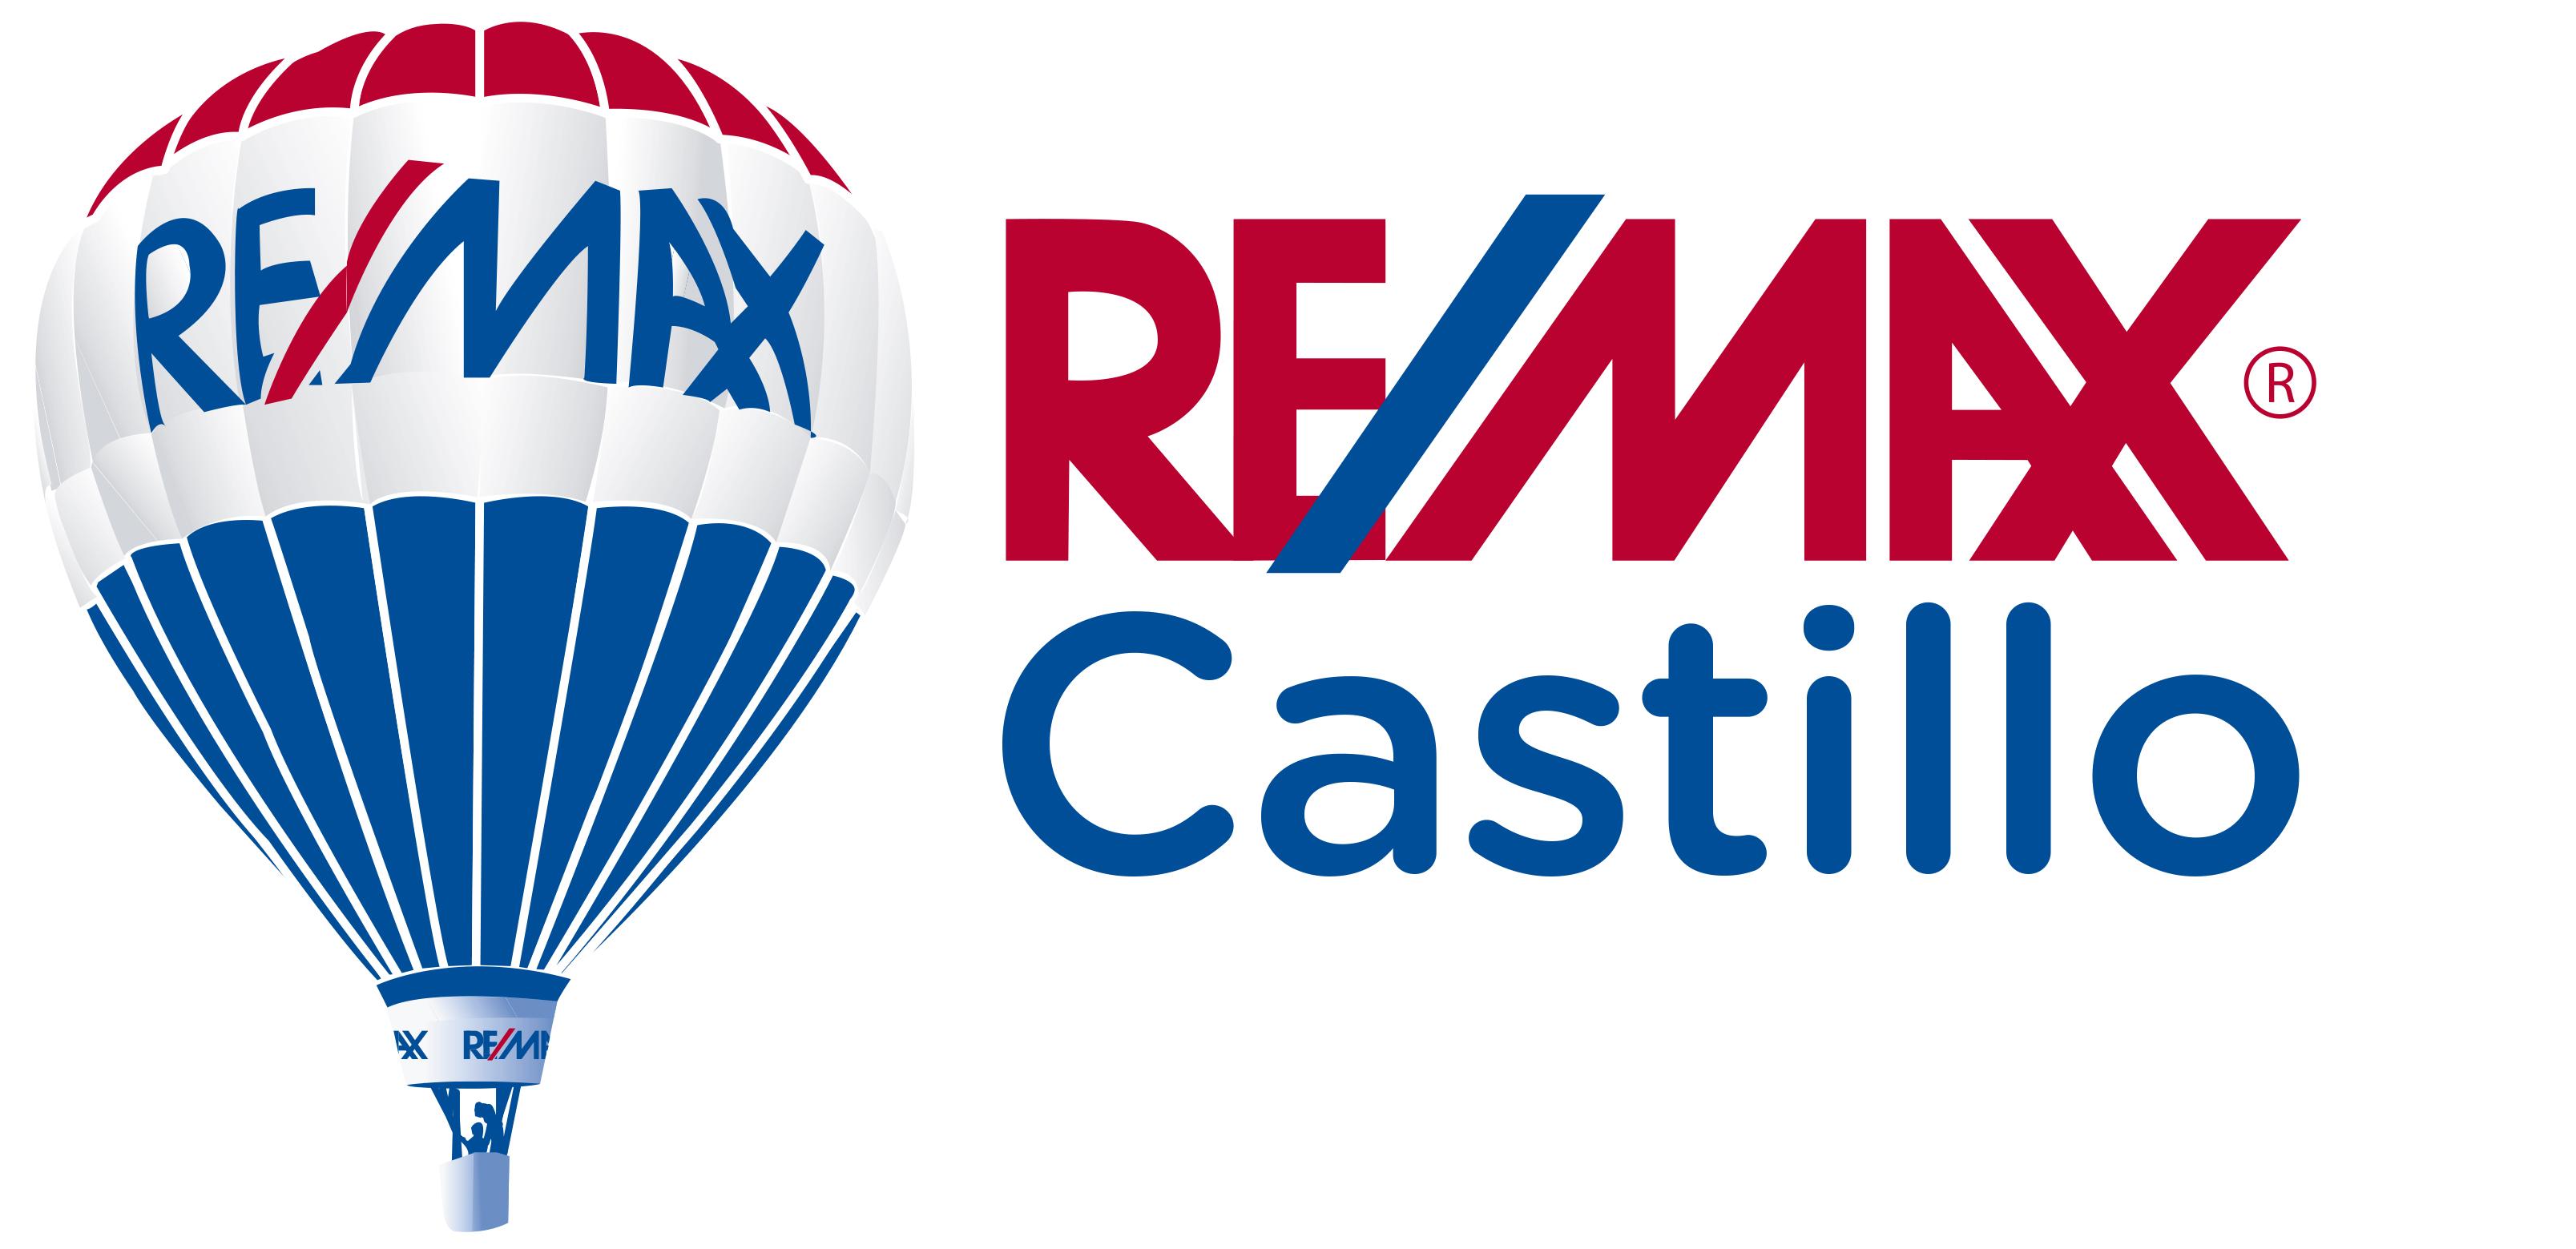 re/Max Castillo